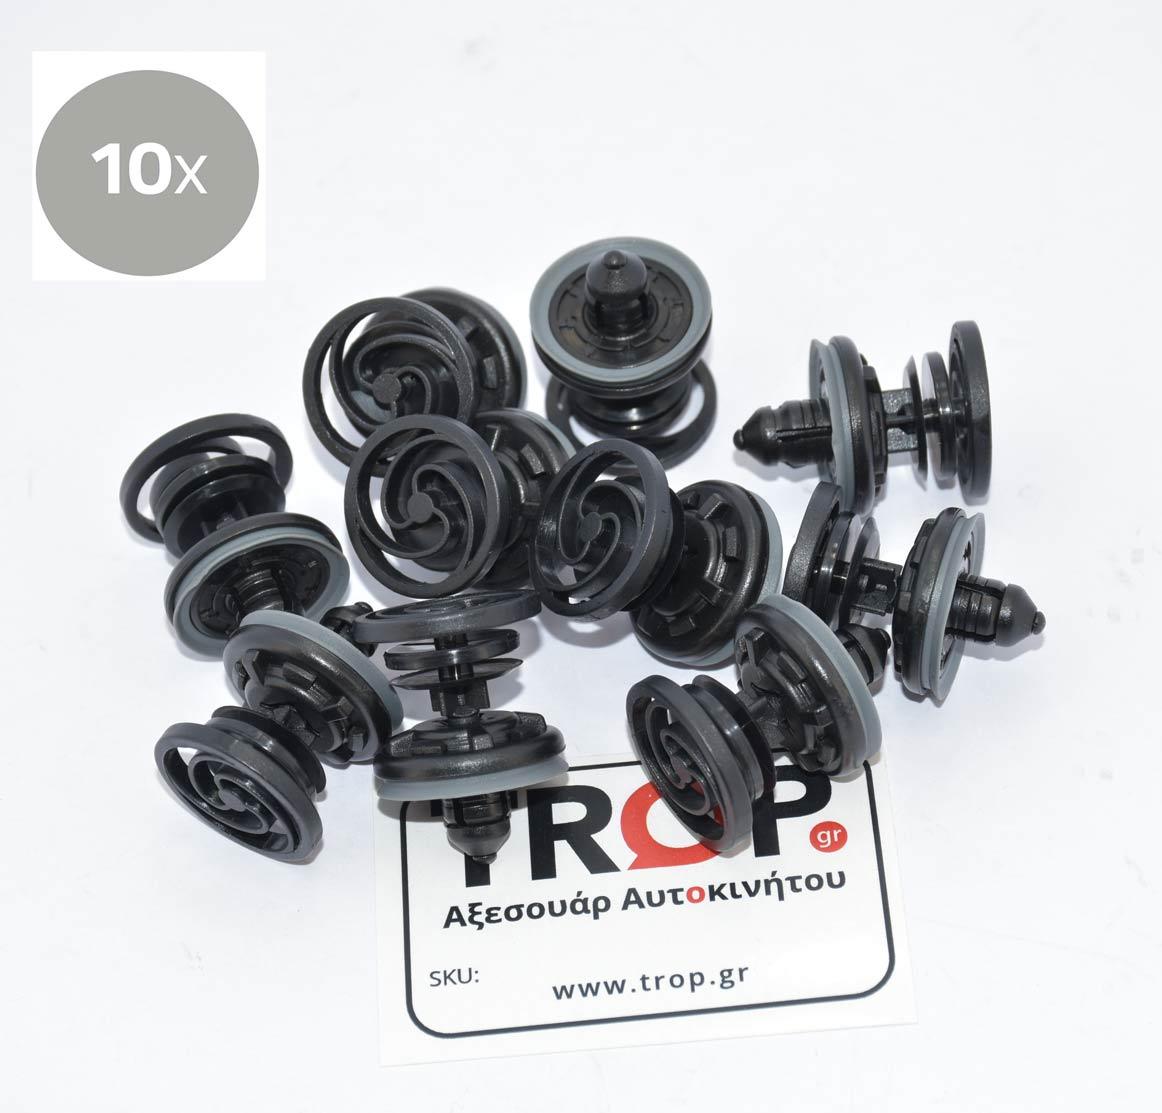 10 τμχ Κλιπσάκια Ταπετσαρίας για Seat, Skoda, Audi και VW -7l6868243